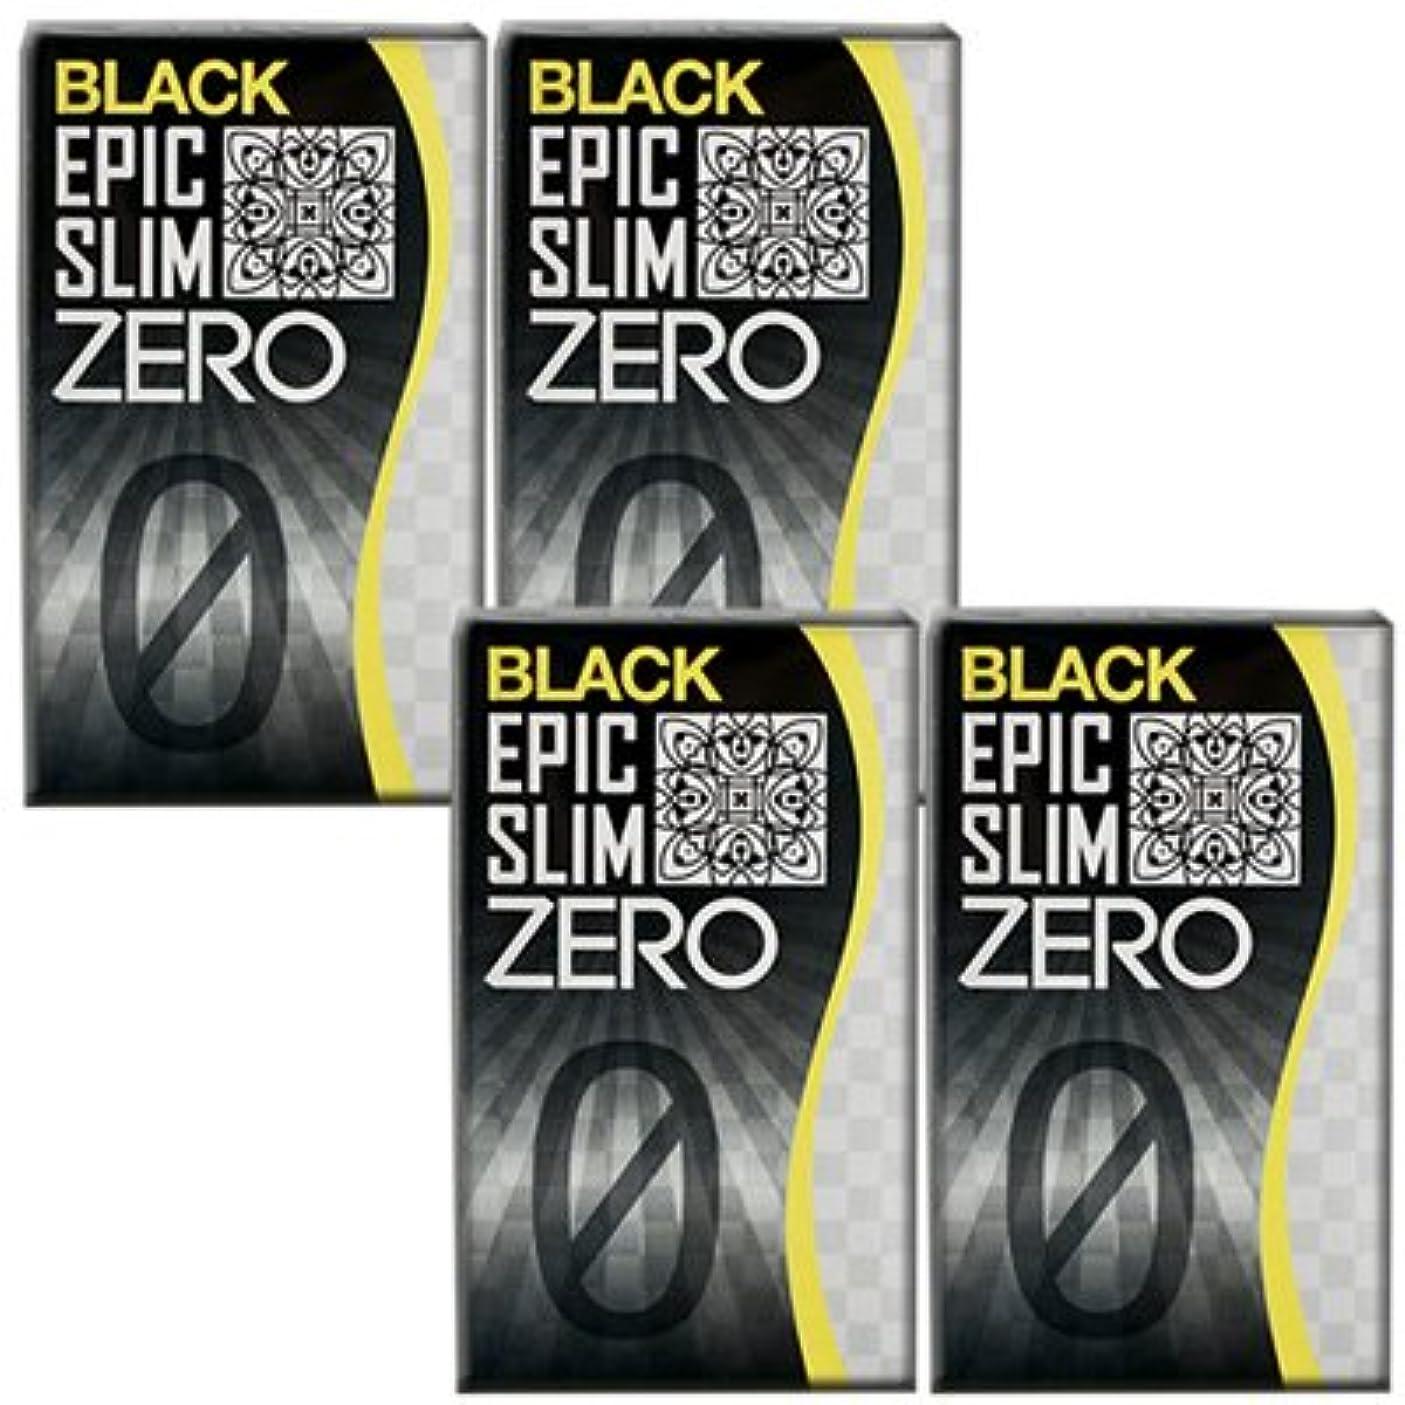 本当に固有の出会いブラック エピックスリム ゼロ ブラック 4個セット!  Epic Slim ZERO BLACK ×4個